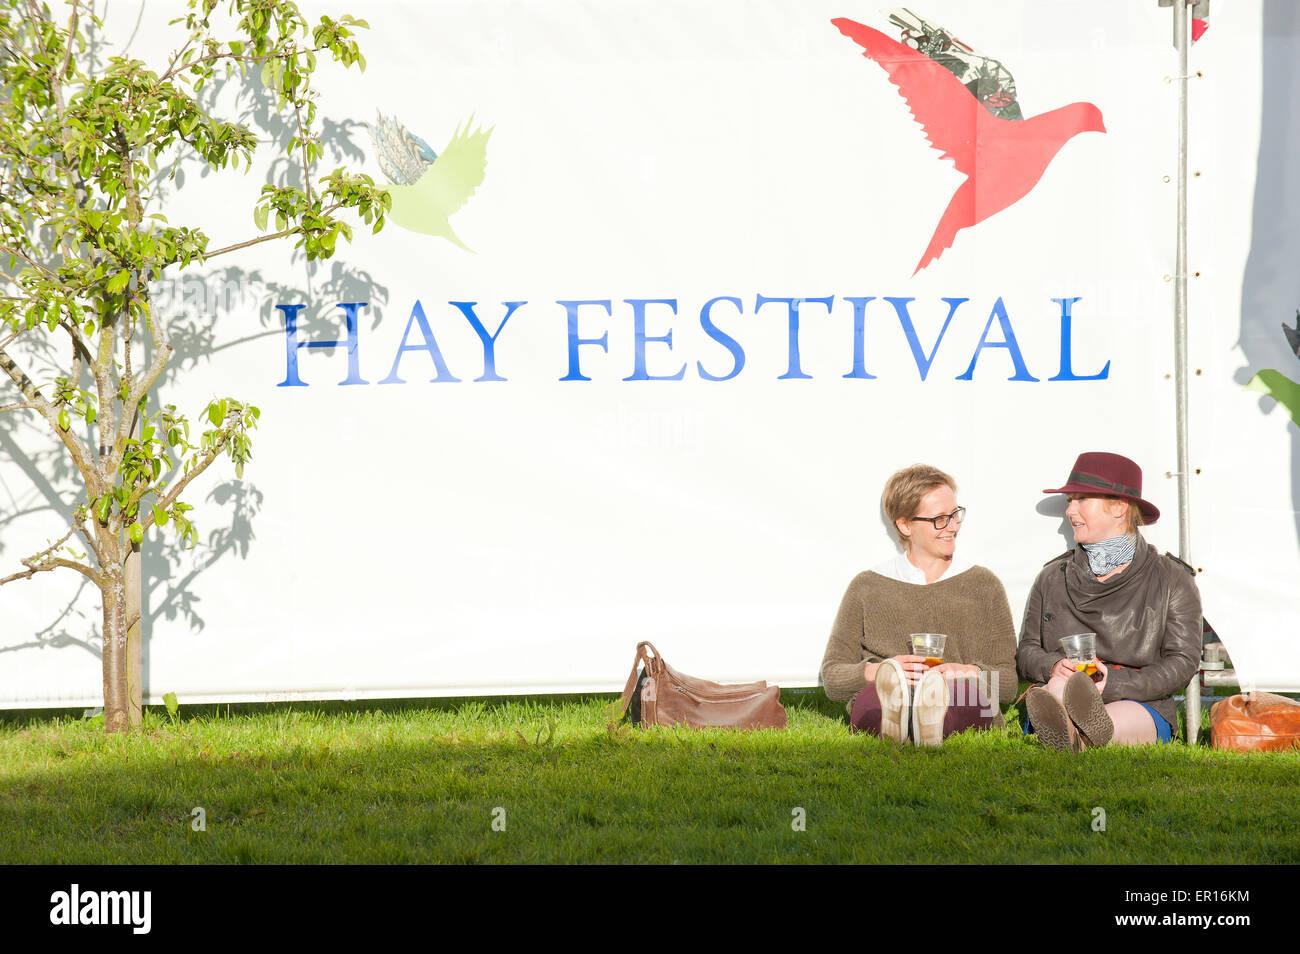 Heno-on-Wye, Powys, Reino Unido. El 24 de mayo de 2015. Los asistentes al festival relajarse por la tarde el sol. Imagen De Stock